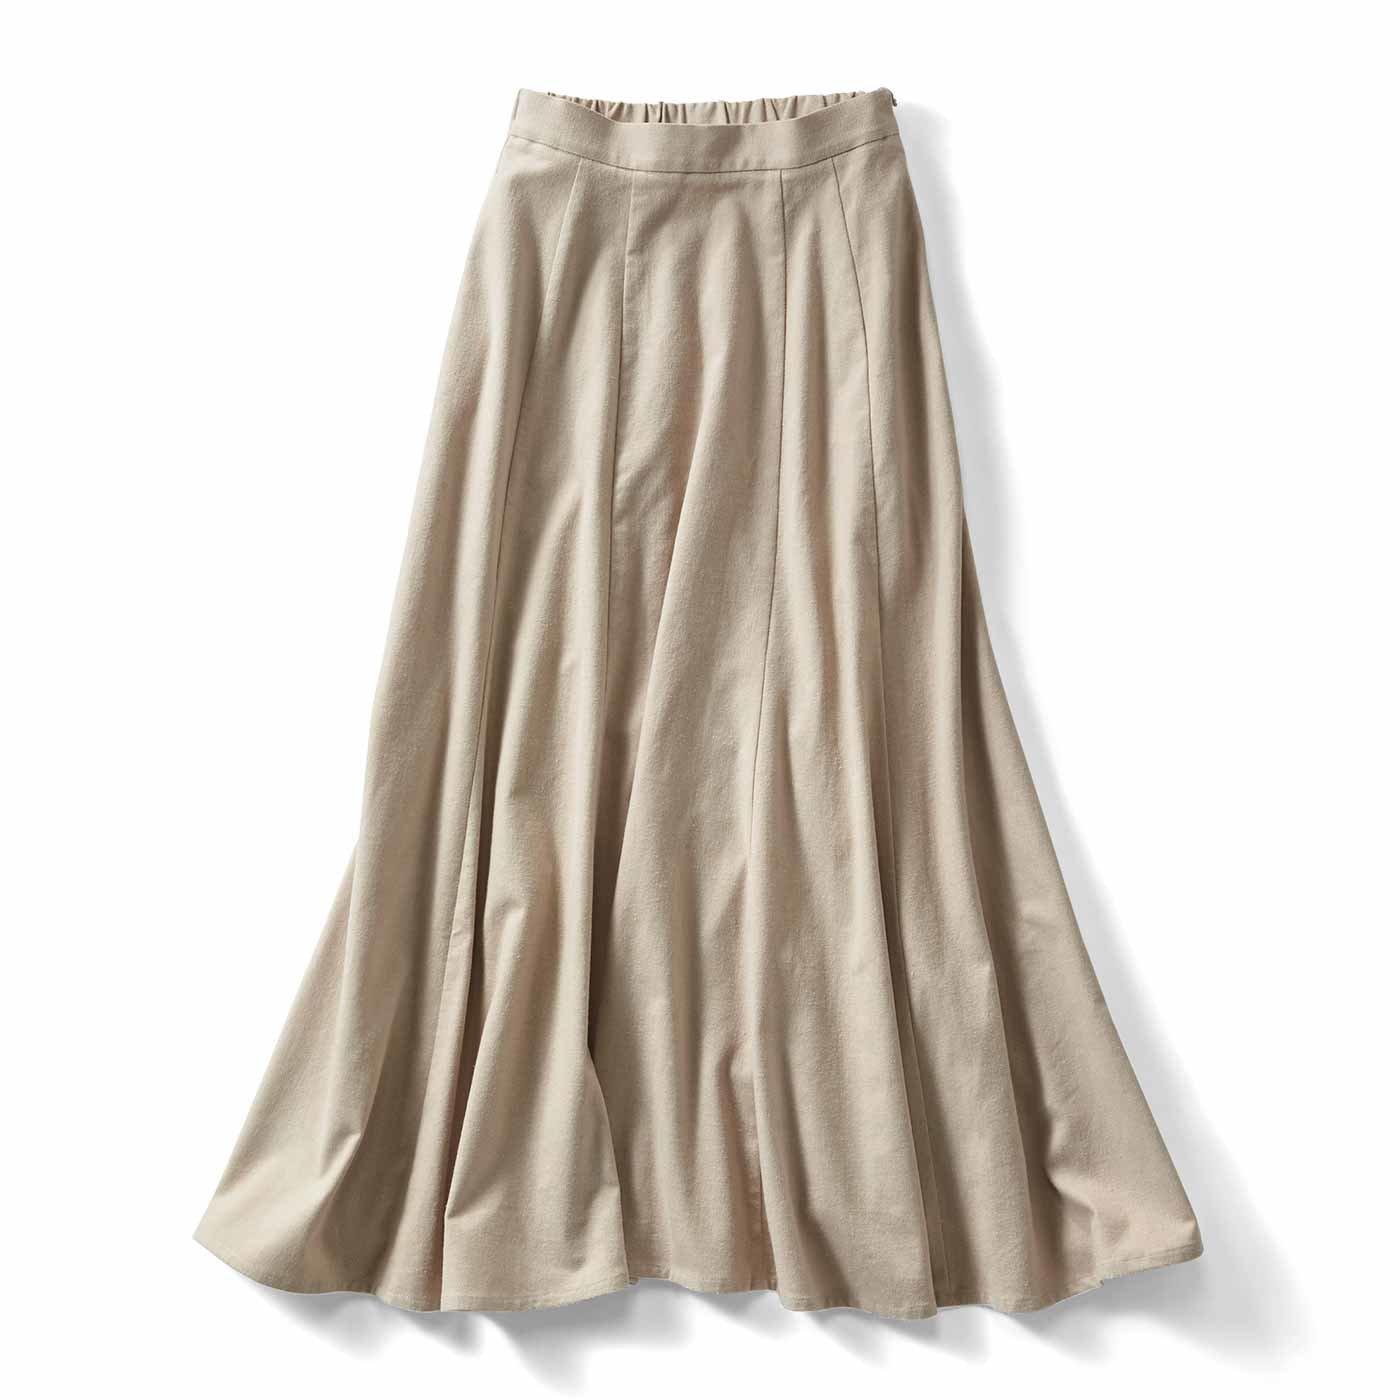 IEDIT[イディット] アンティーク風起毛仕立てのコットンリネンマキシスカート〈グレージュ〉